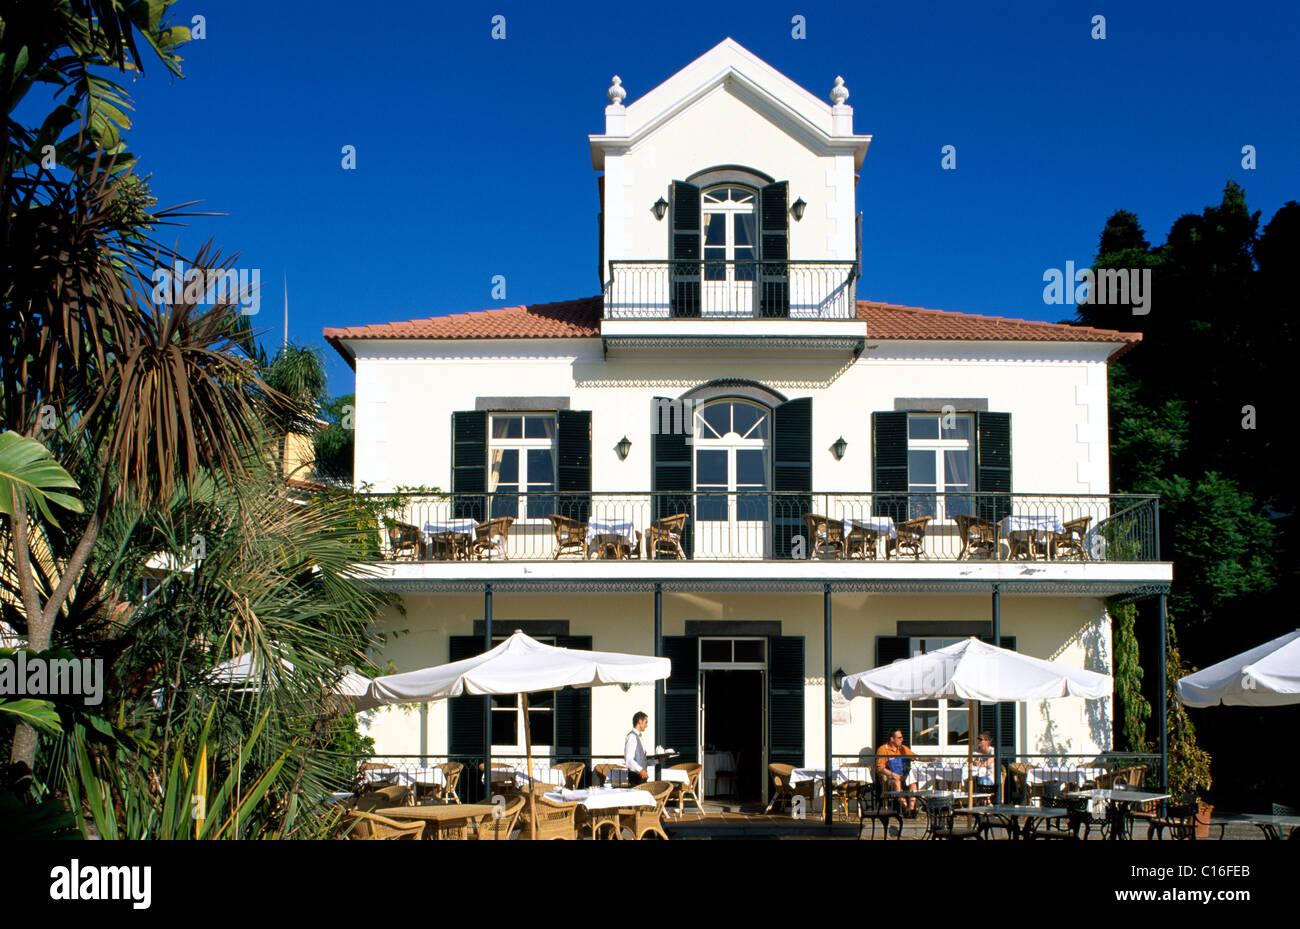 Breakfast Terrace, Quinta do Estreito Hotel, Estreito de Camara de Lobos, Madeira, Portugal, Europe Stock Photo